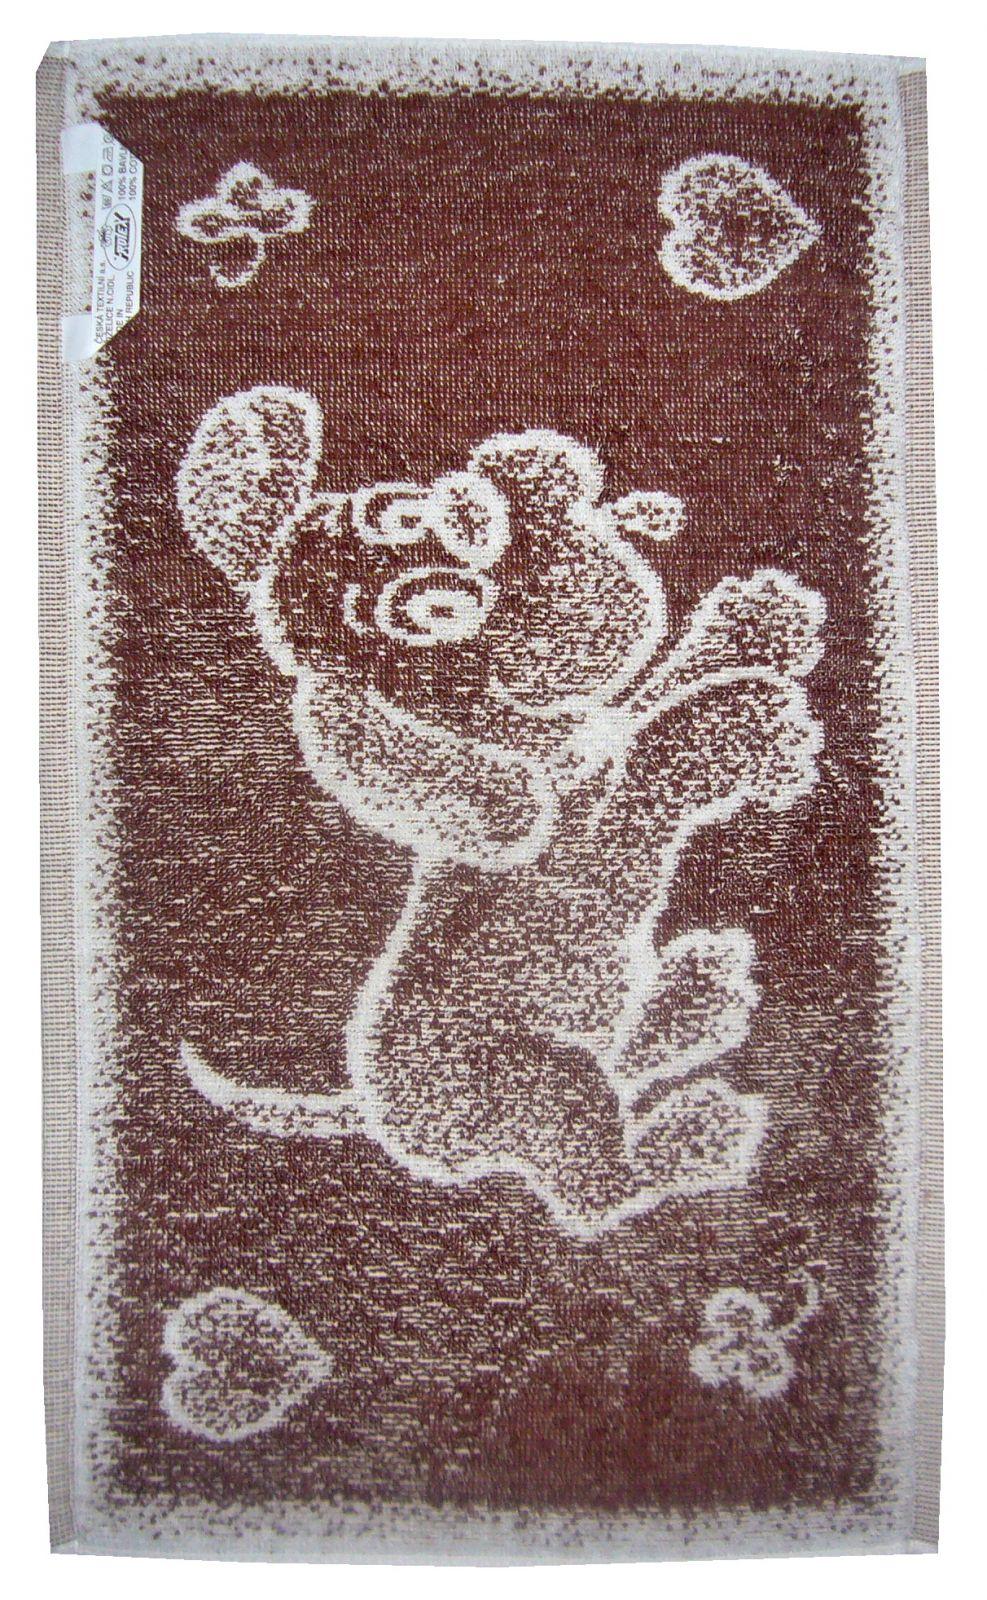 Dětský froté ručník Pejsek hnědý, rozměr 30x50 cm.